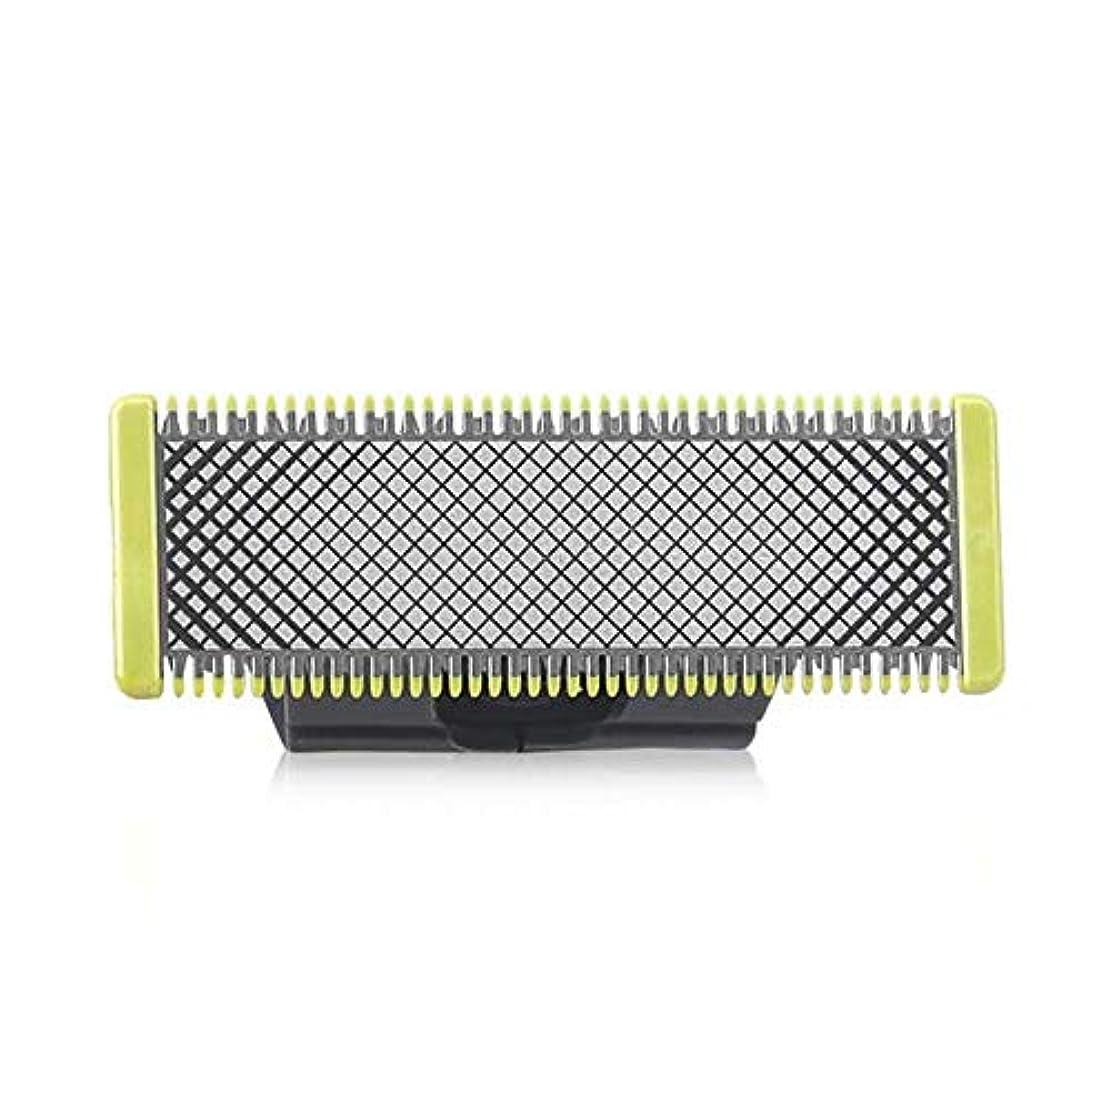 適応的苦難セブンシェーバー 替刃 1つの刃QP2520のための取り替えの刃の実用的な剃る安全なかみそりの頭部